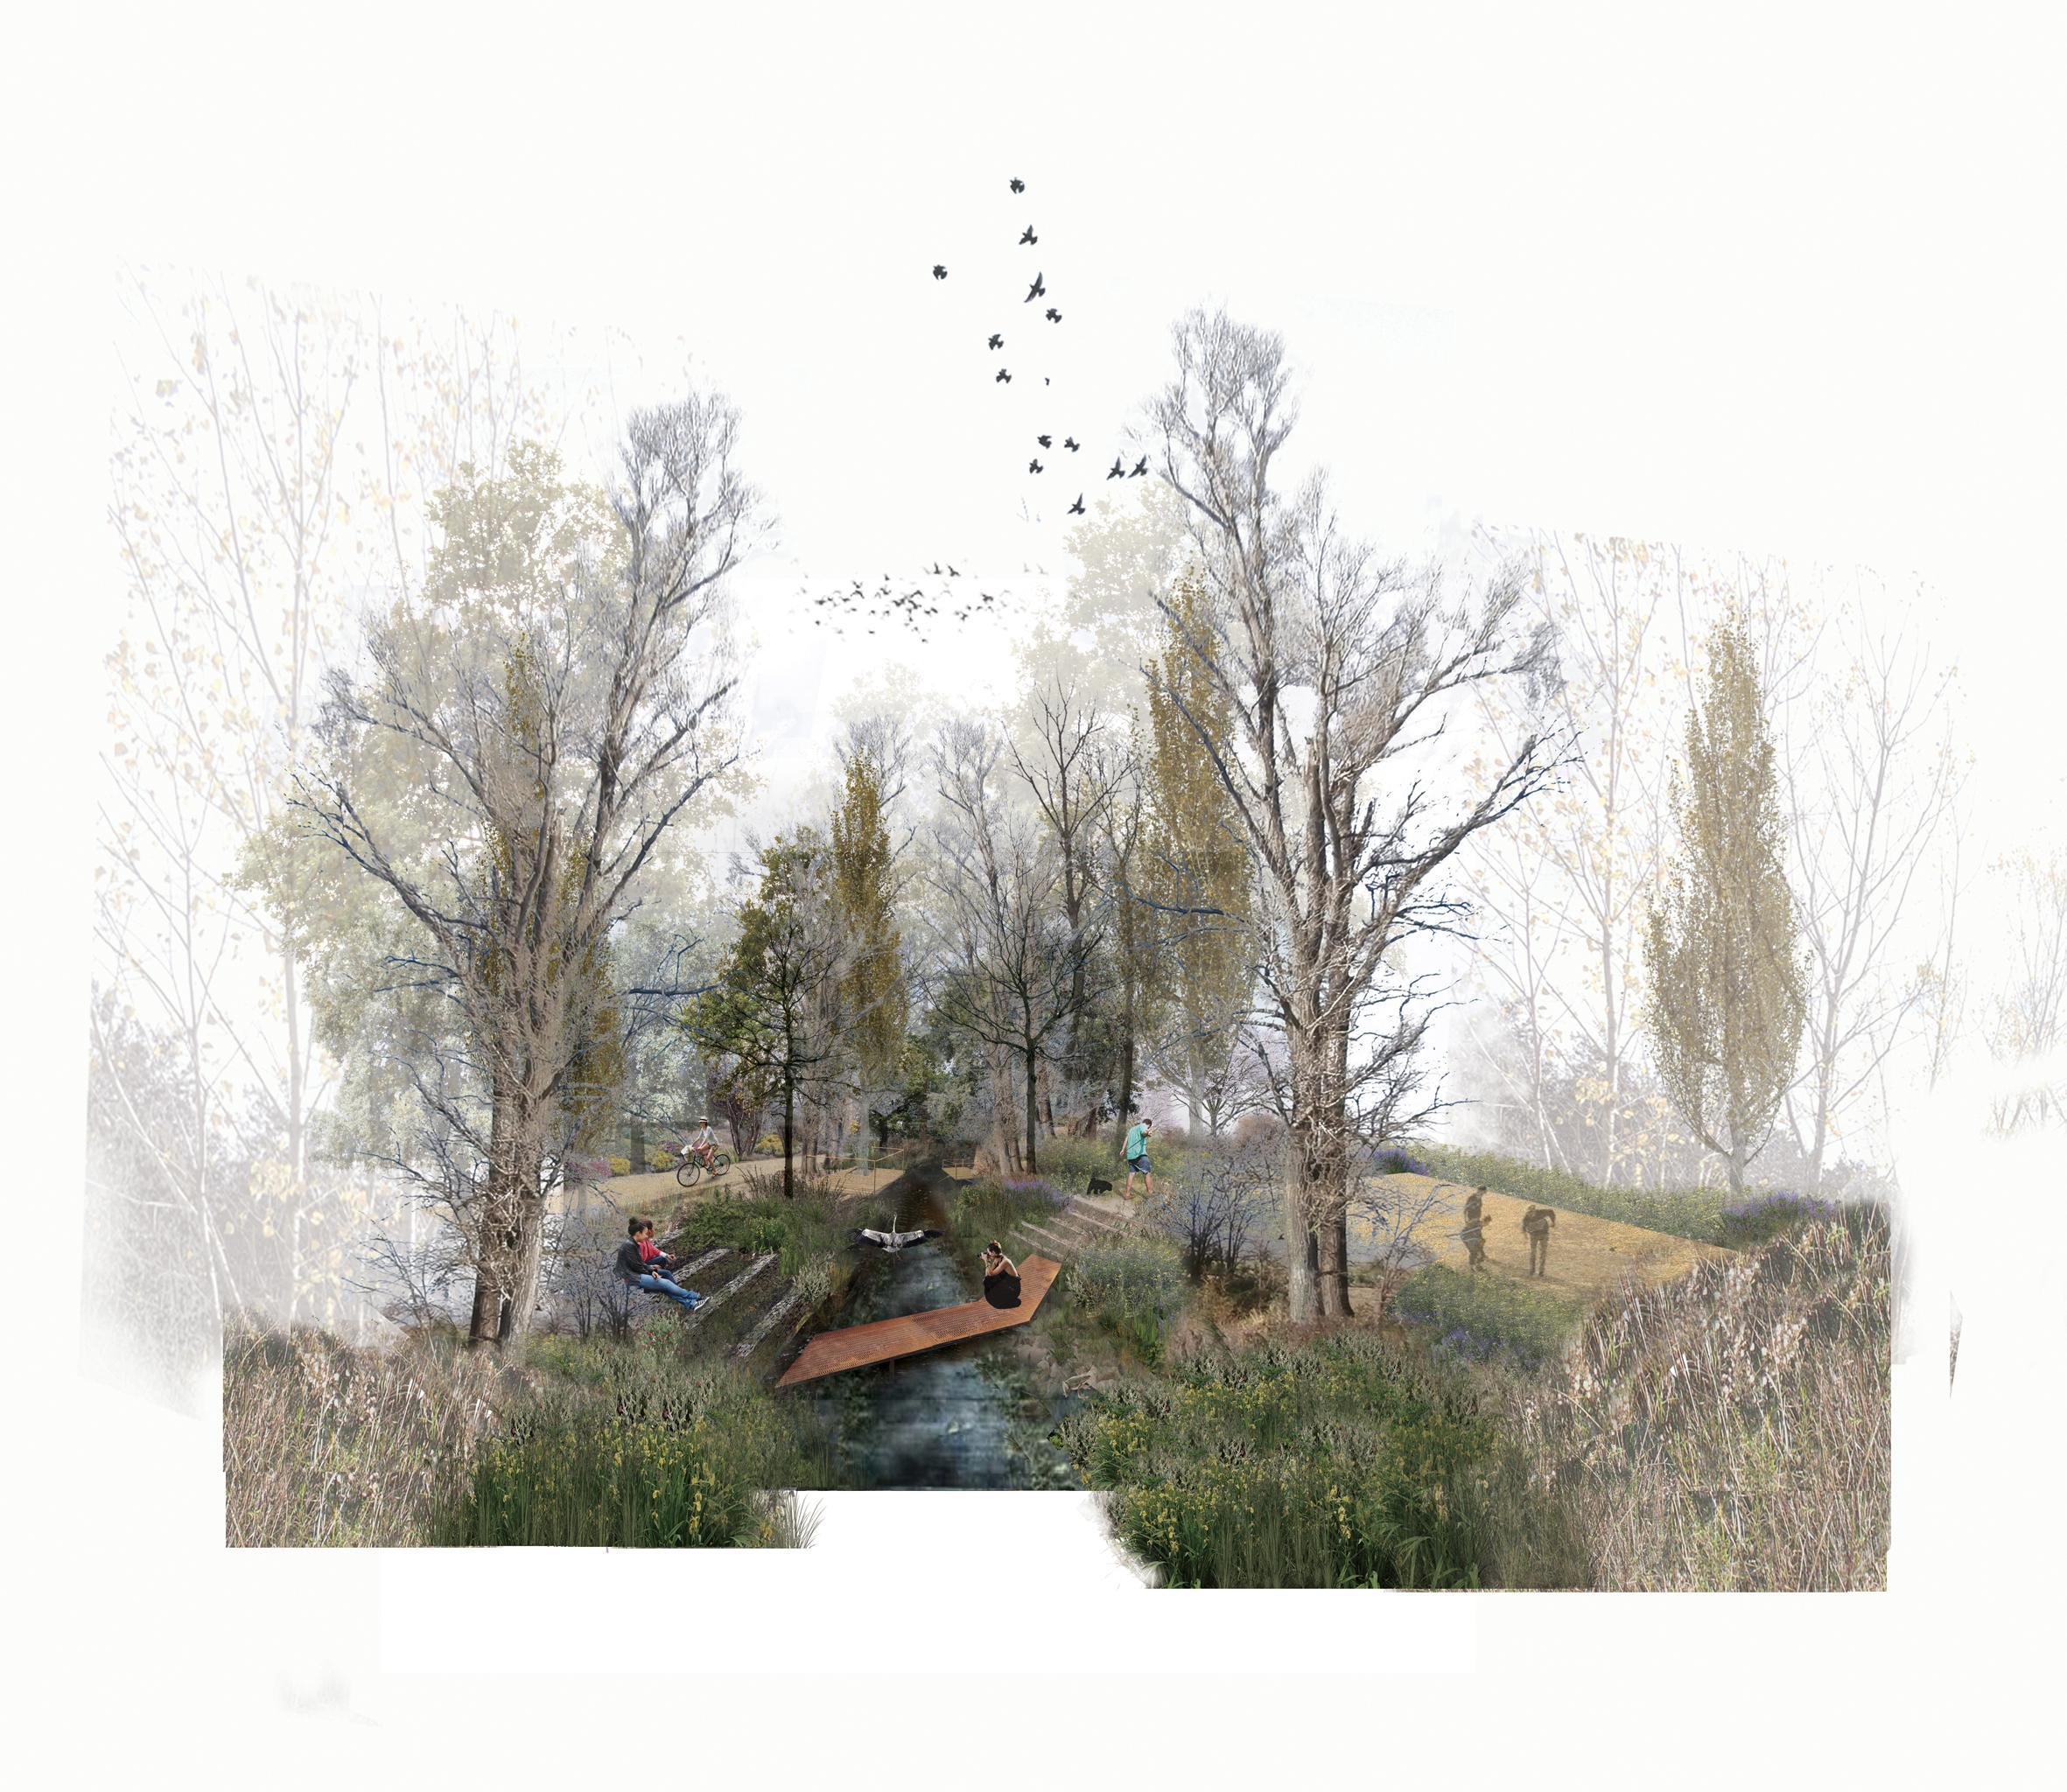 1524596228620 03 topio7 eco corridor riparian forest